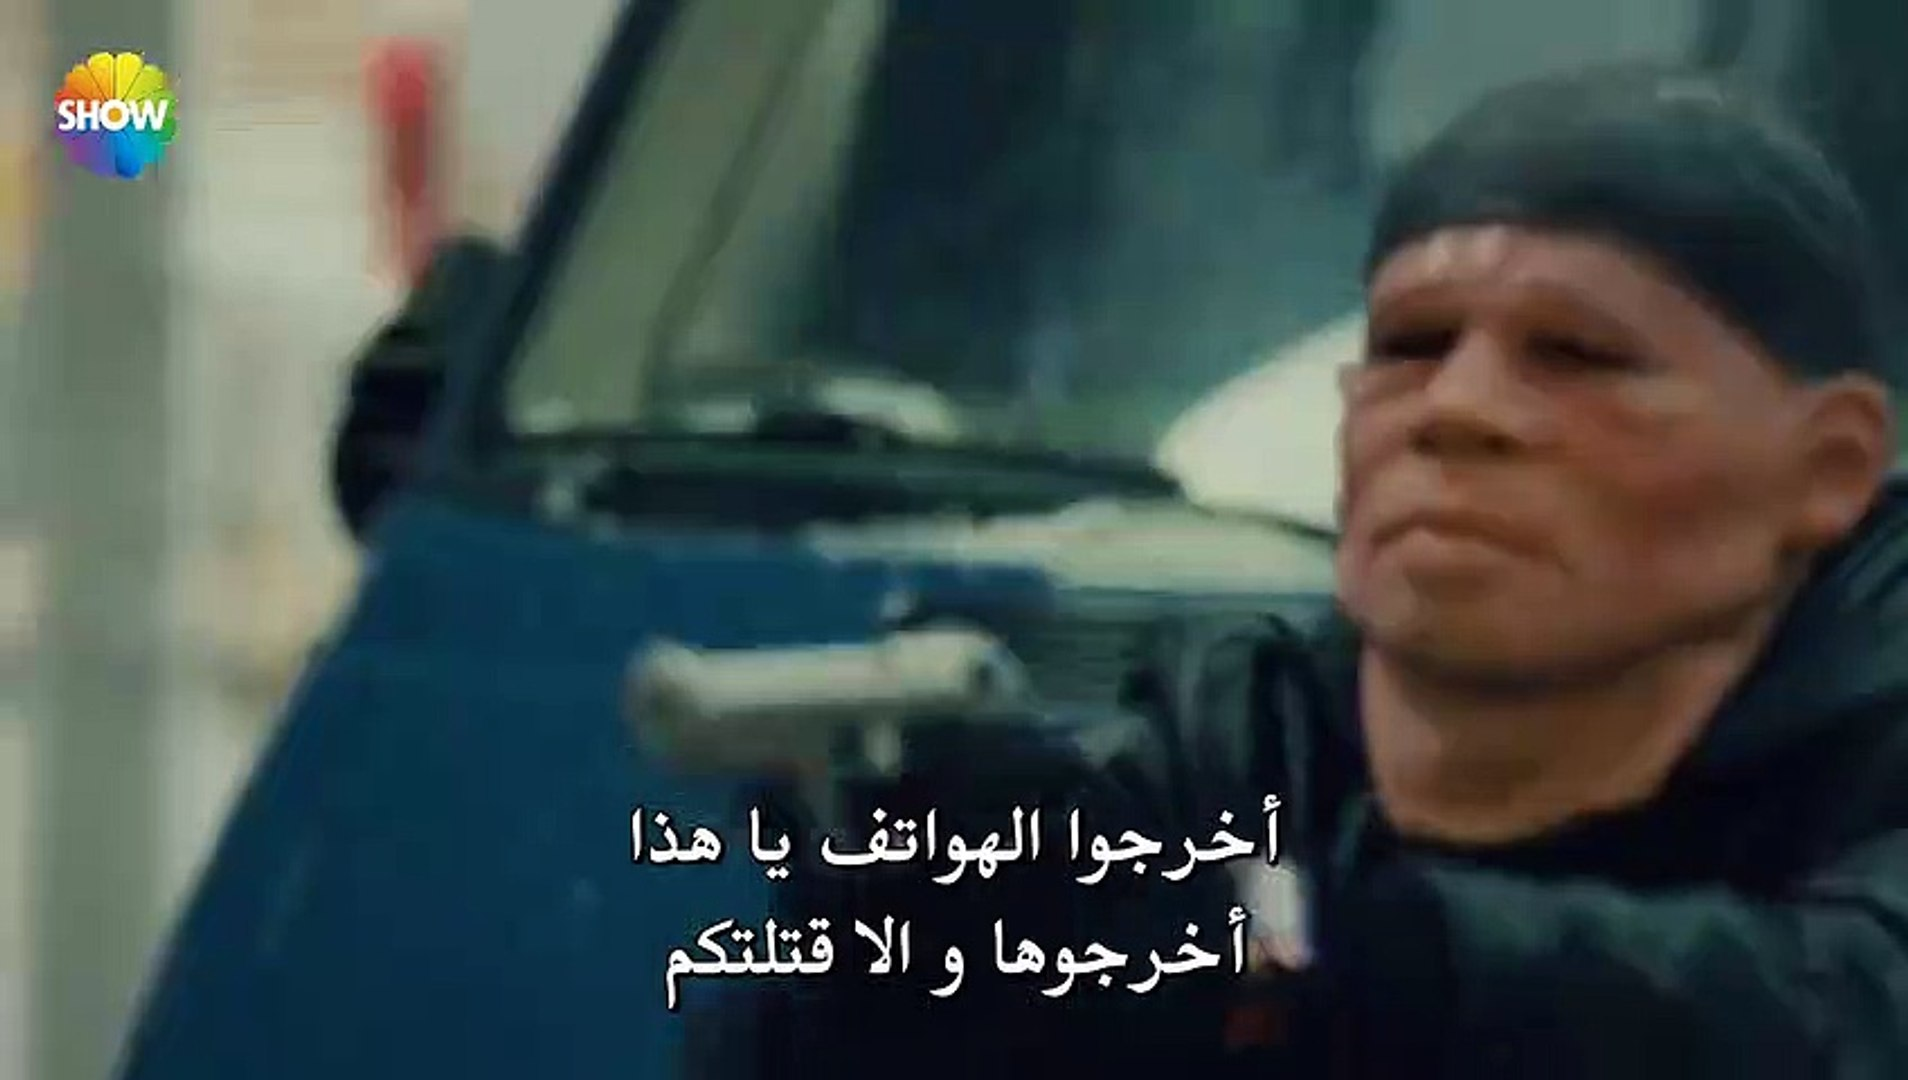 مسلسل وجها لوجه مترجم للعربية الحلقة 1 القسم 3